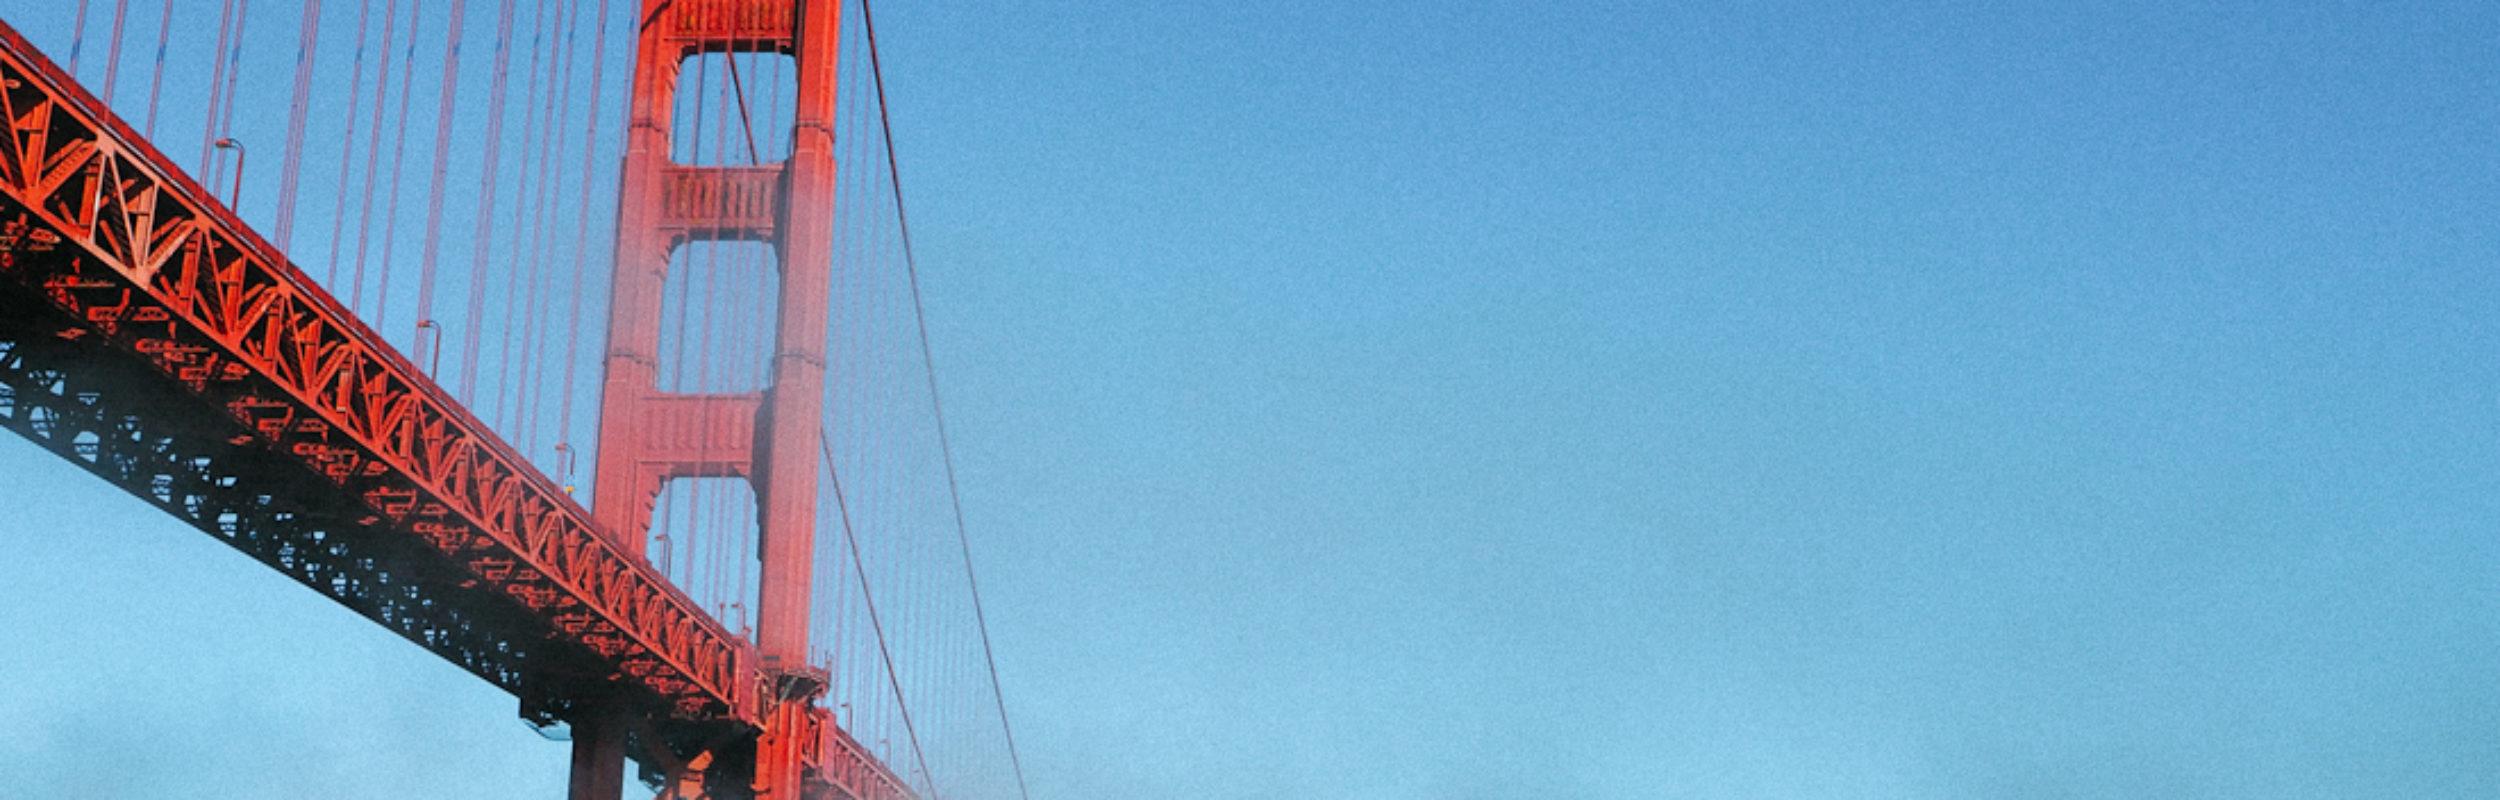 4 jours à San Francisco : entre coups de coeur et désillusion